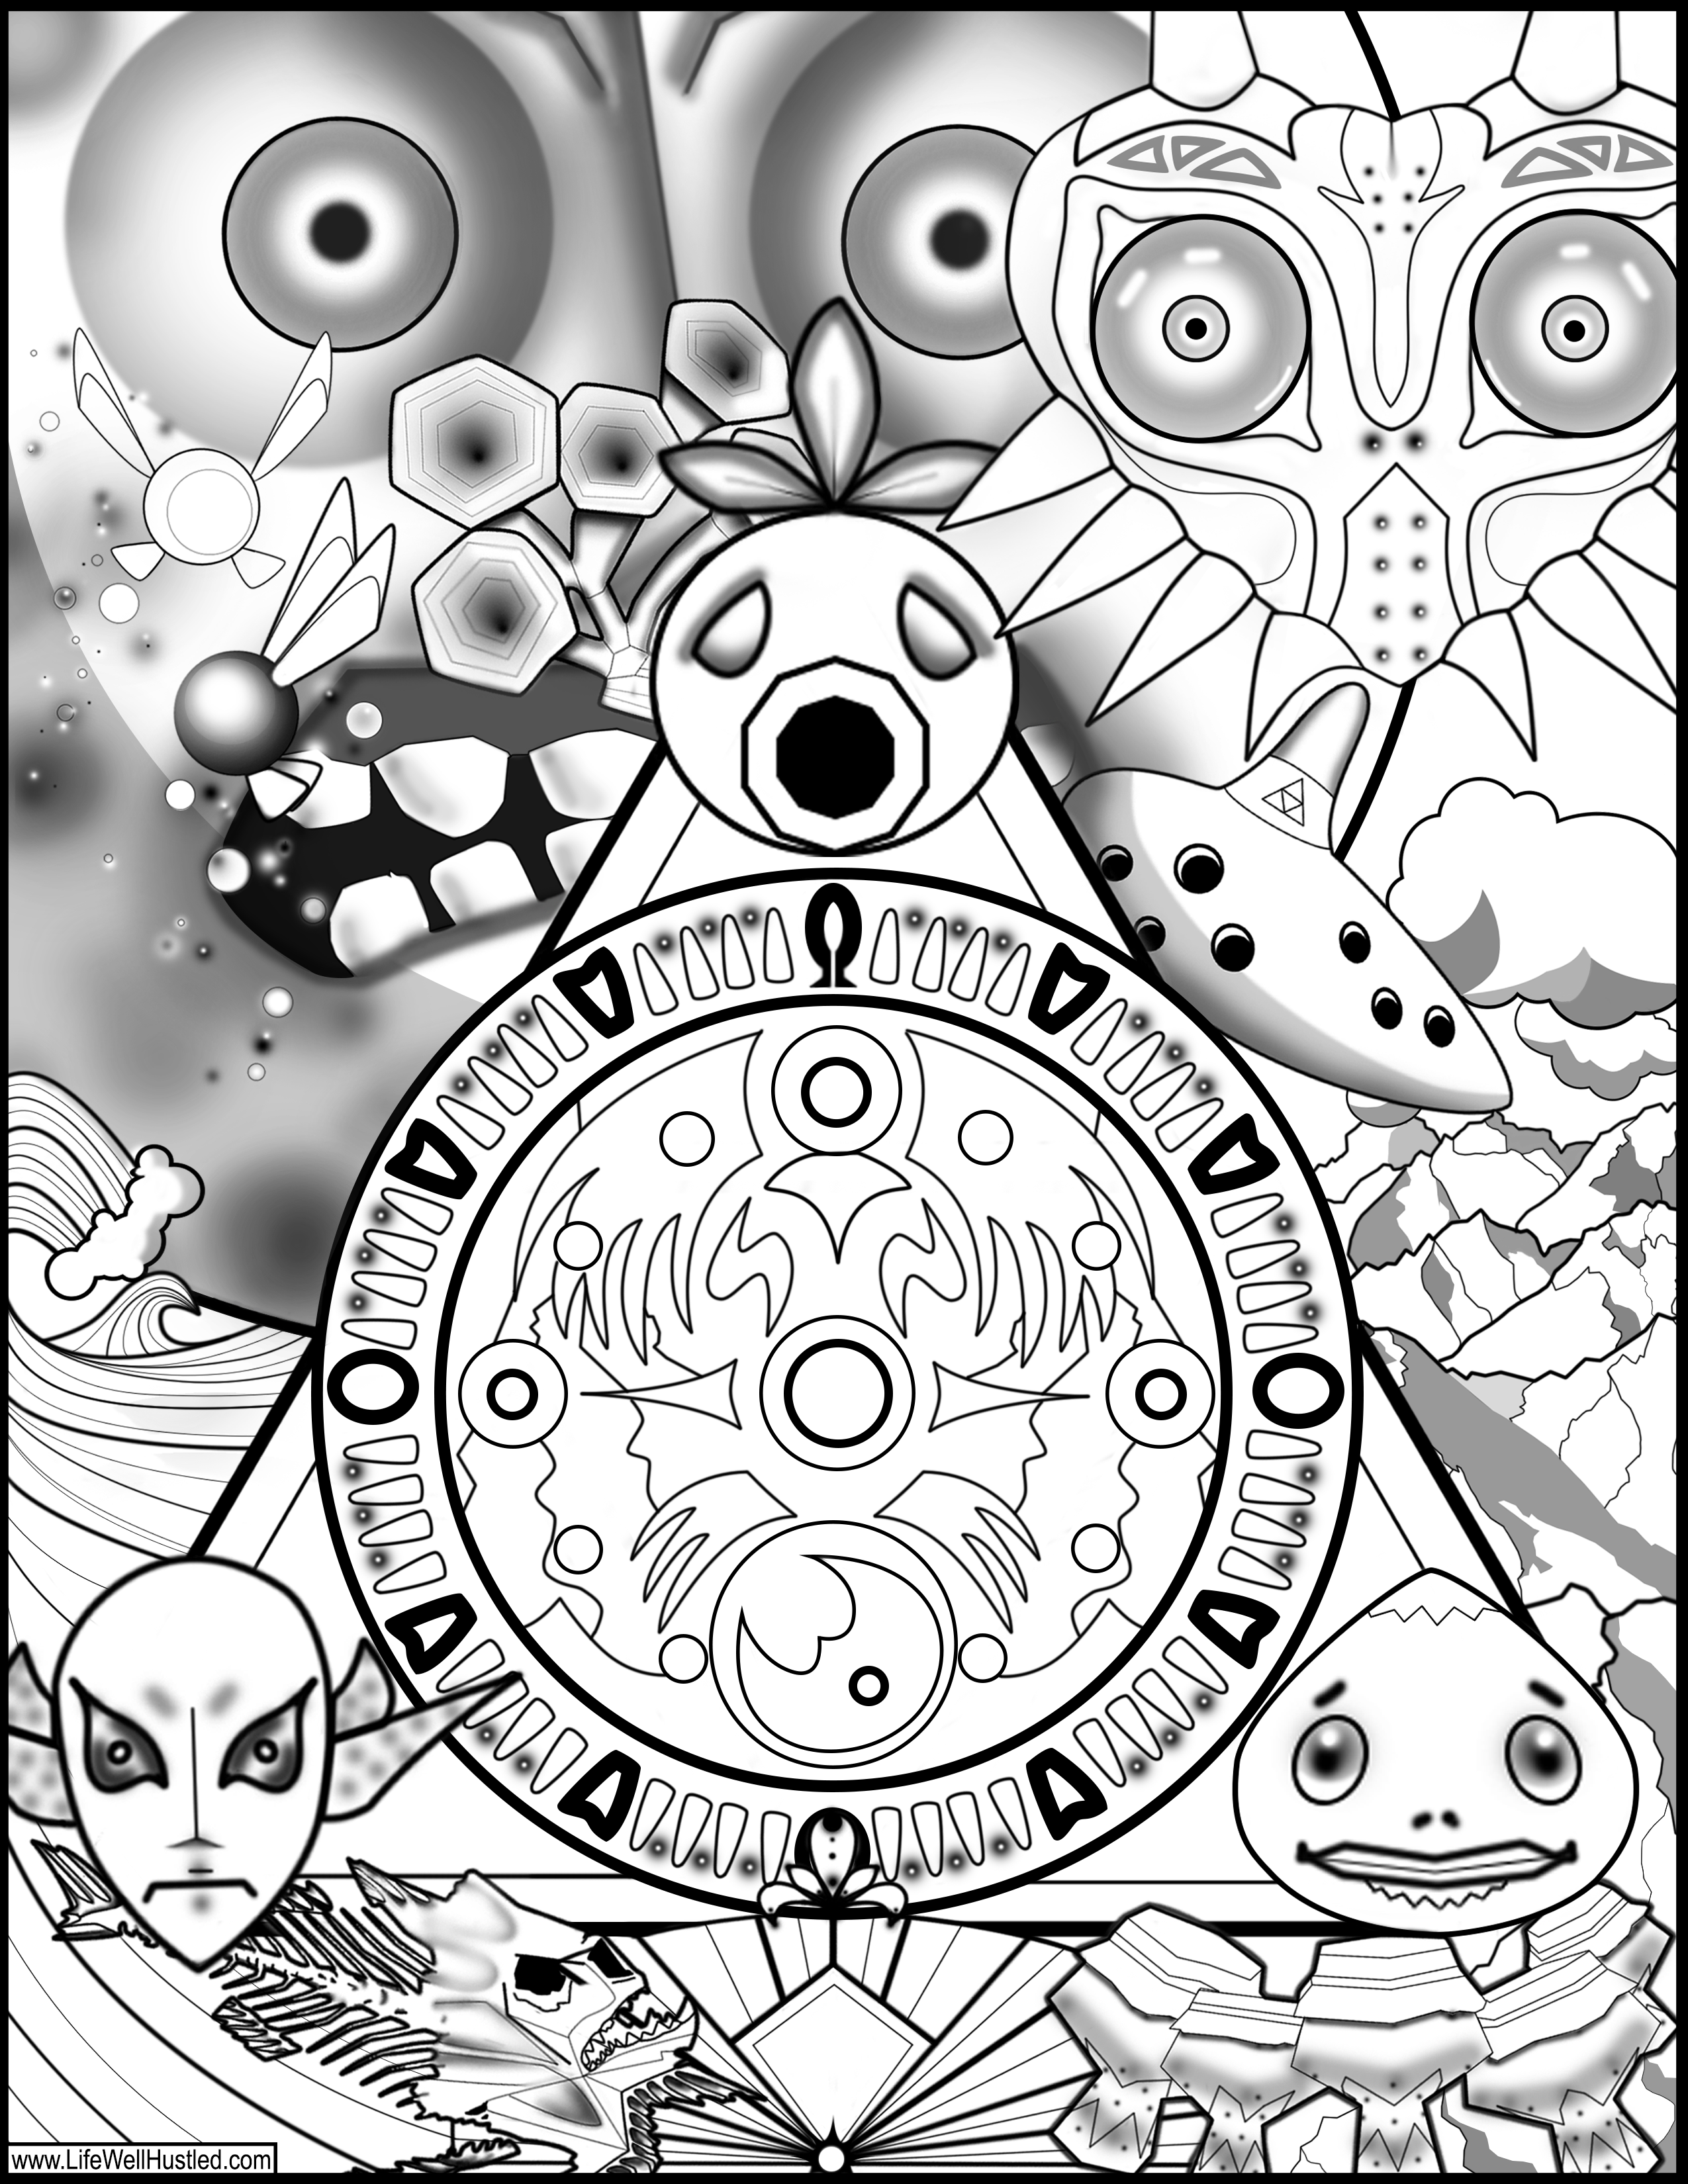 Legend of Zelda Majora s Mask Coloring Book Page